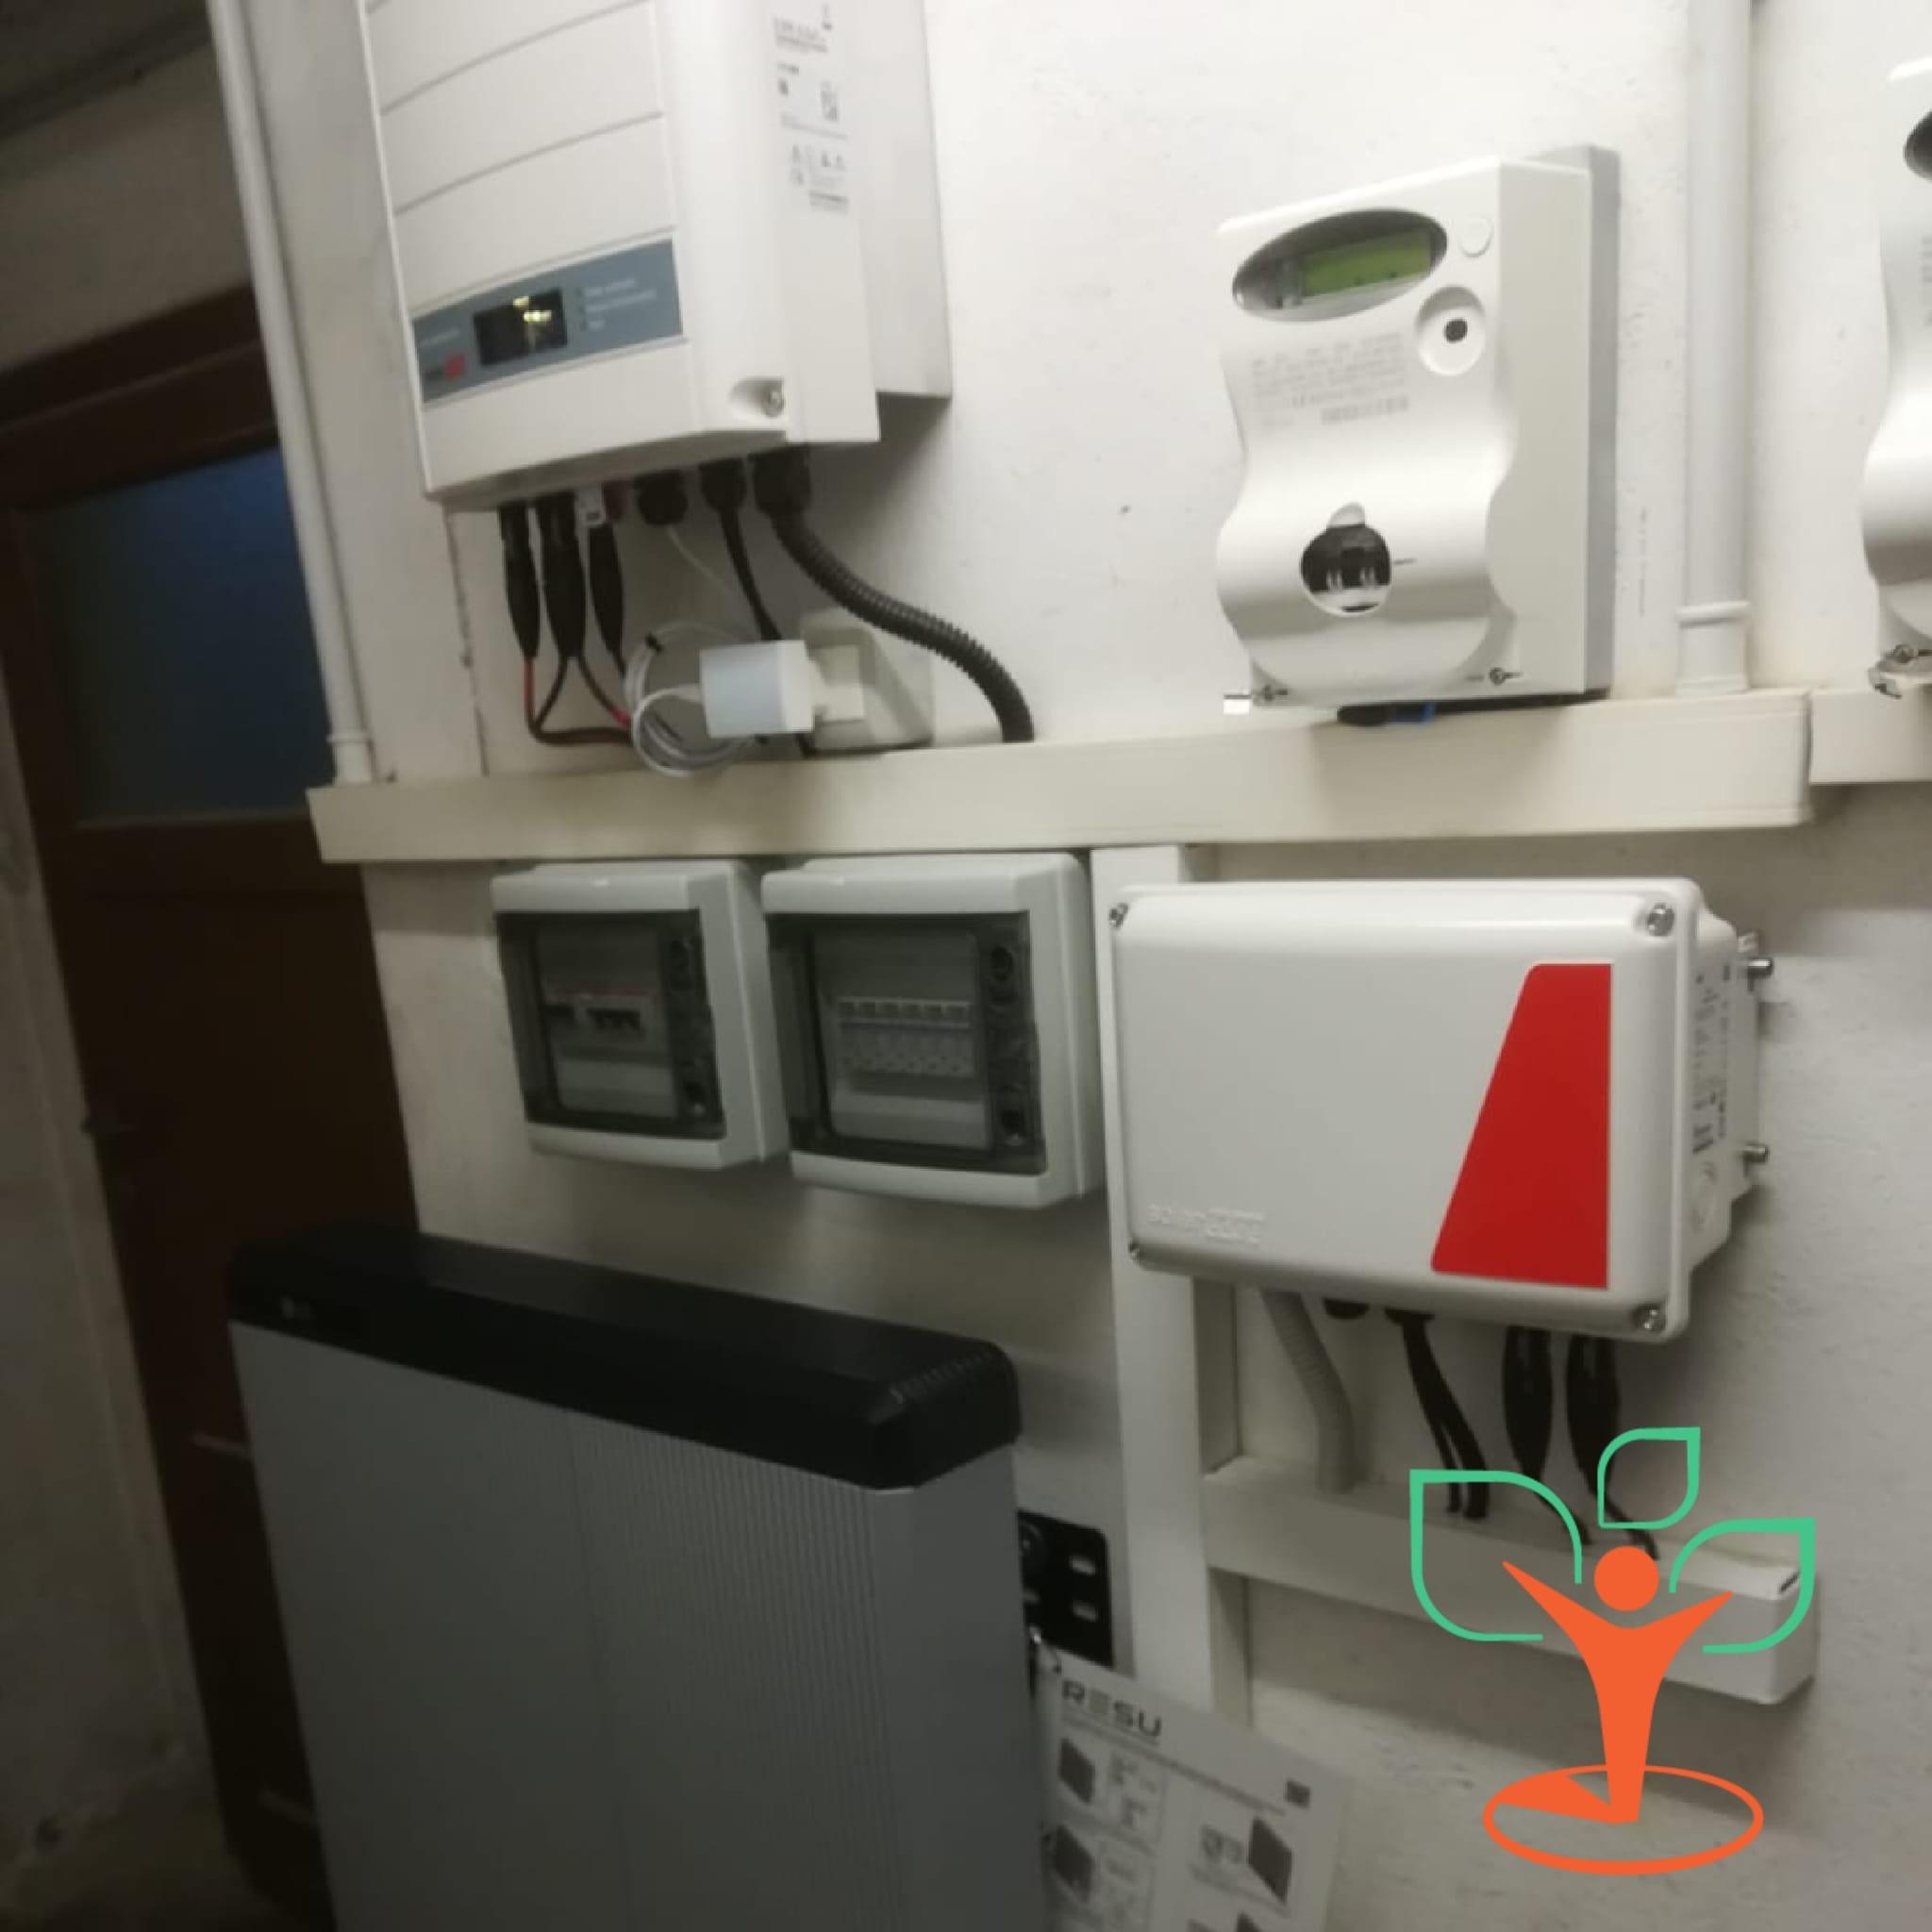 Installazione LG Chem resu 10h  su impianto fotovoltaico esistente – Lodi (LO)